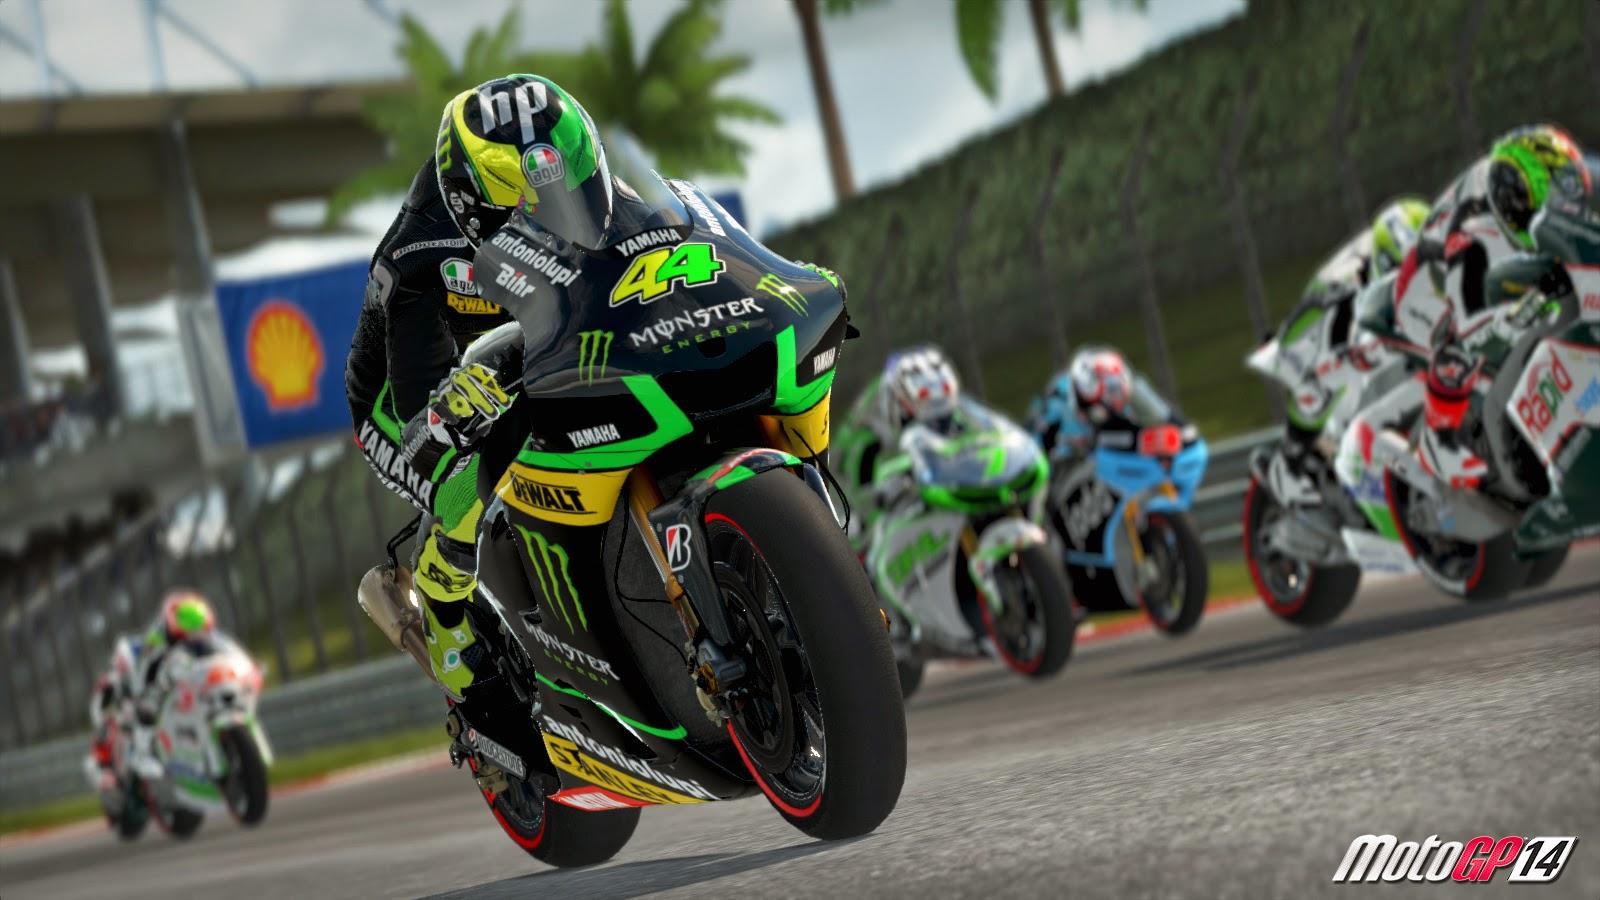 MotoGP screenshots